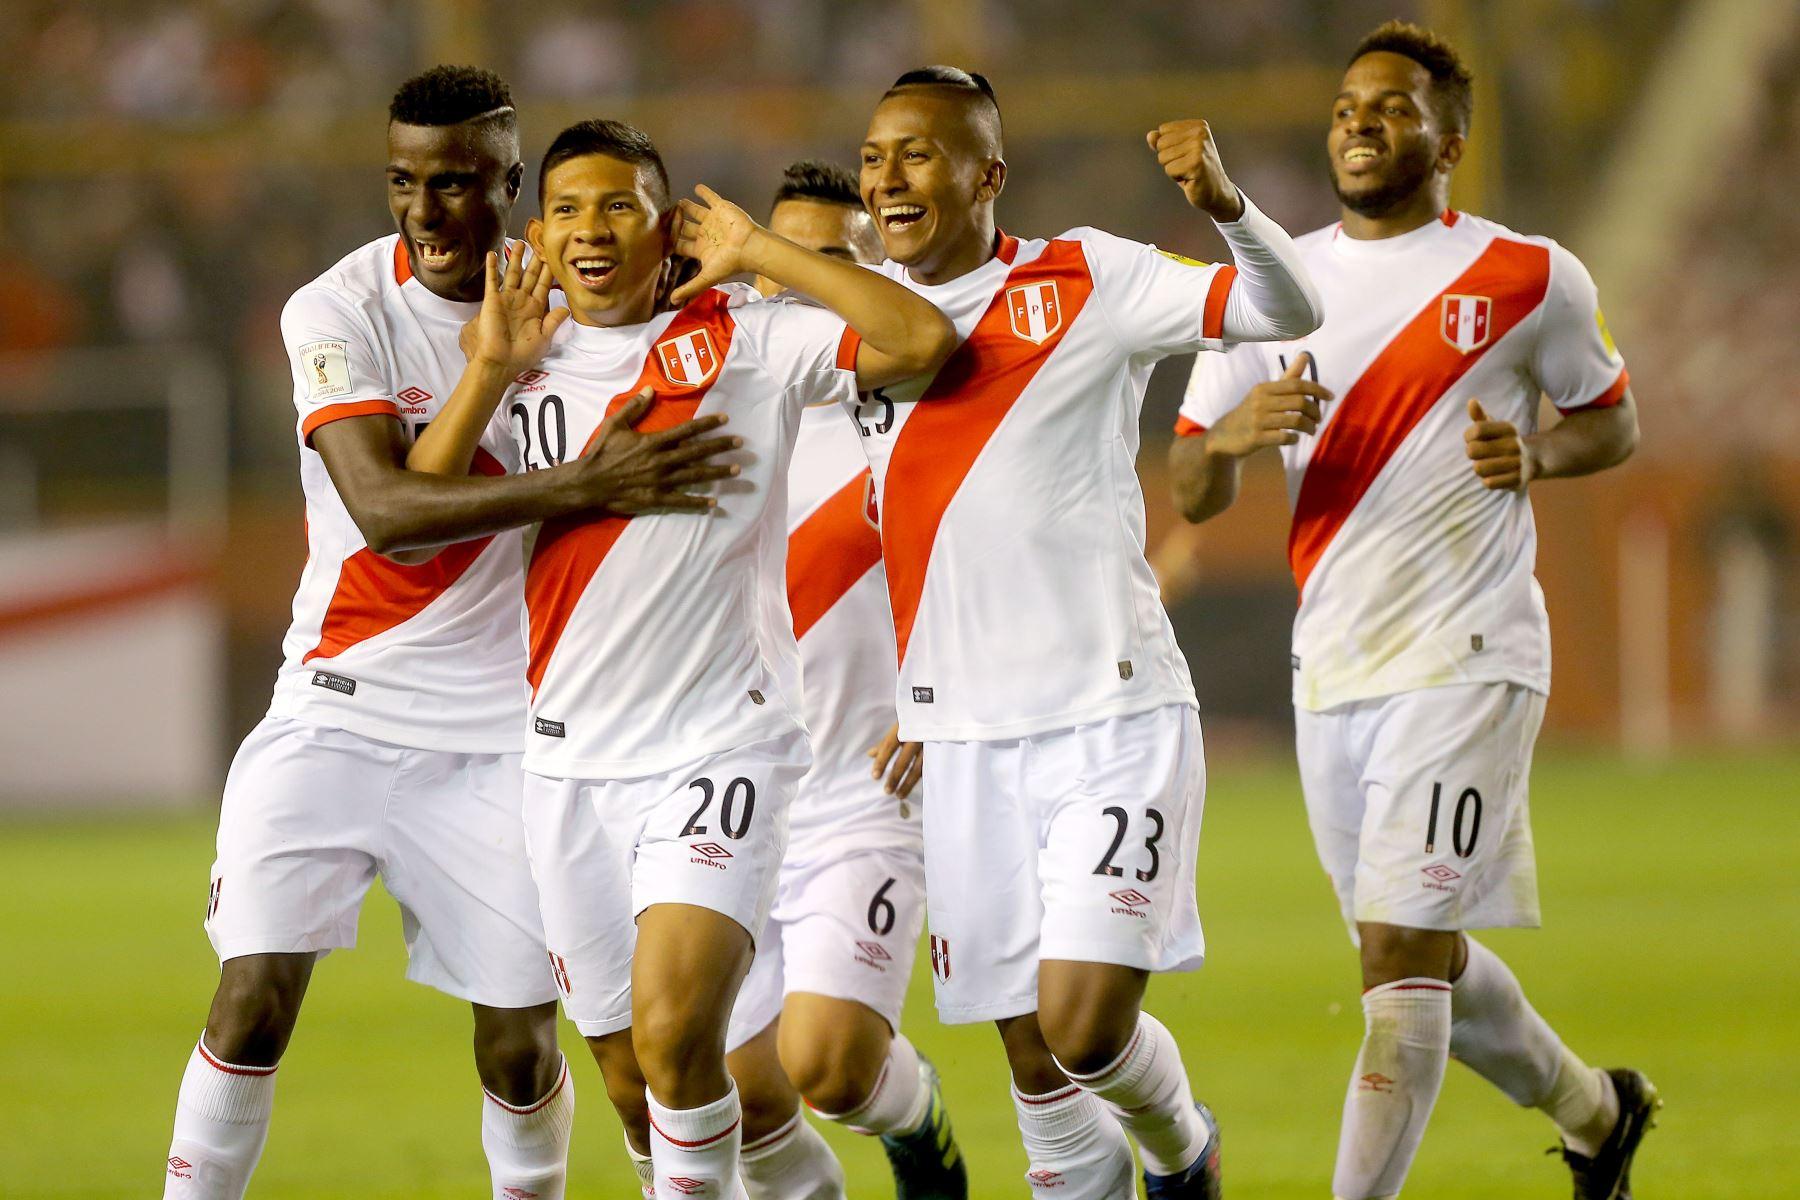 Perú, declara, día de asueto, por partido con Colombia, gobierno, Mundial, Rusia 2018, Conmebol